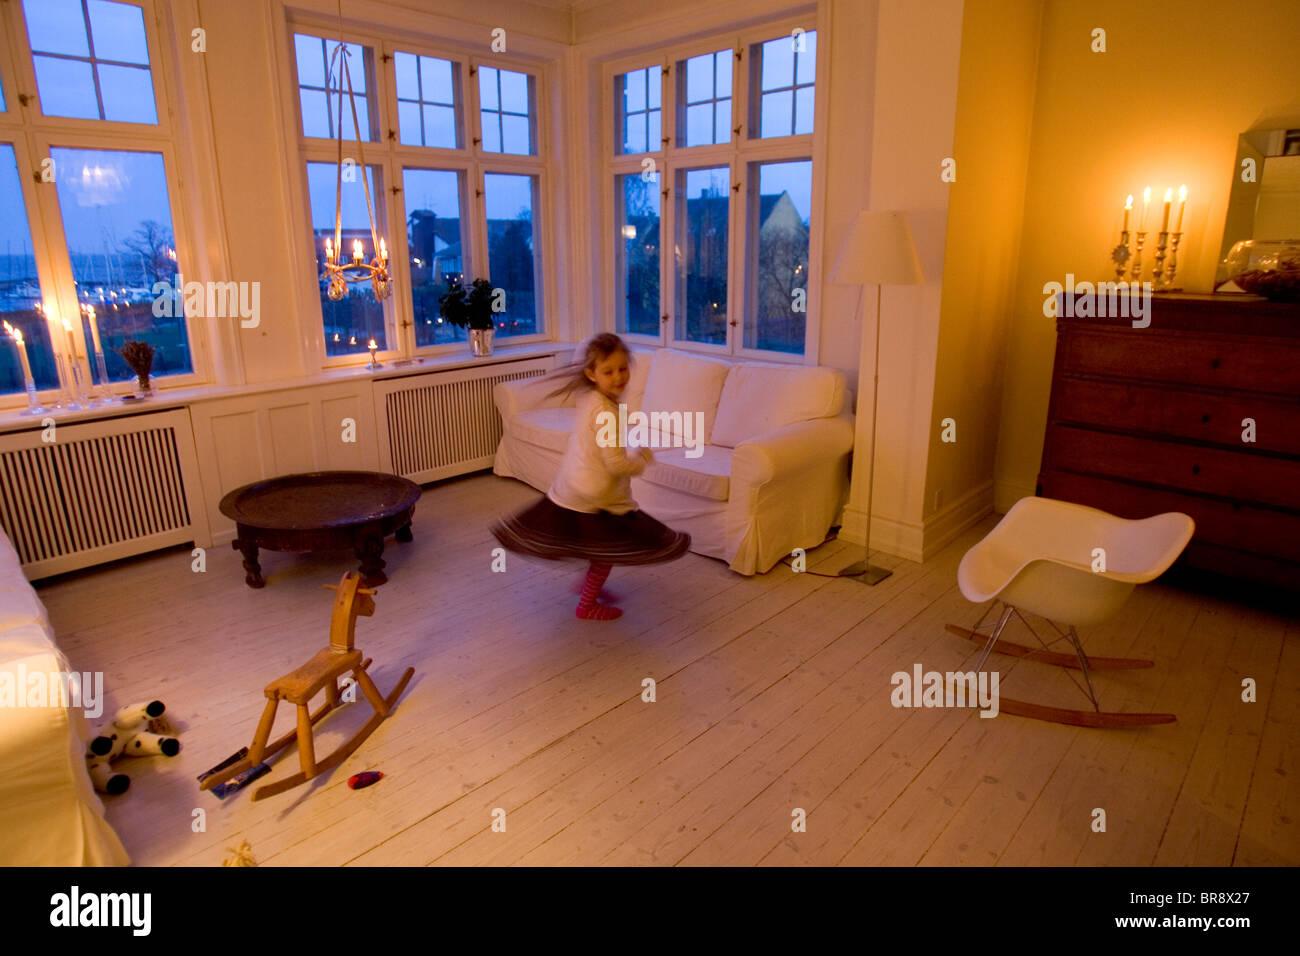 Una Joven Baila Sola En Un Rincón De Su Familia Del Apartamento En